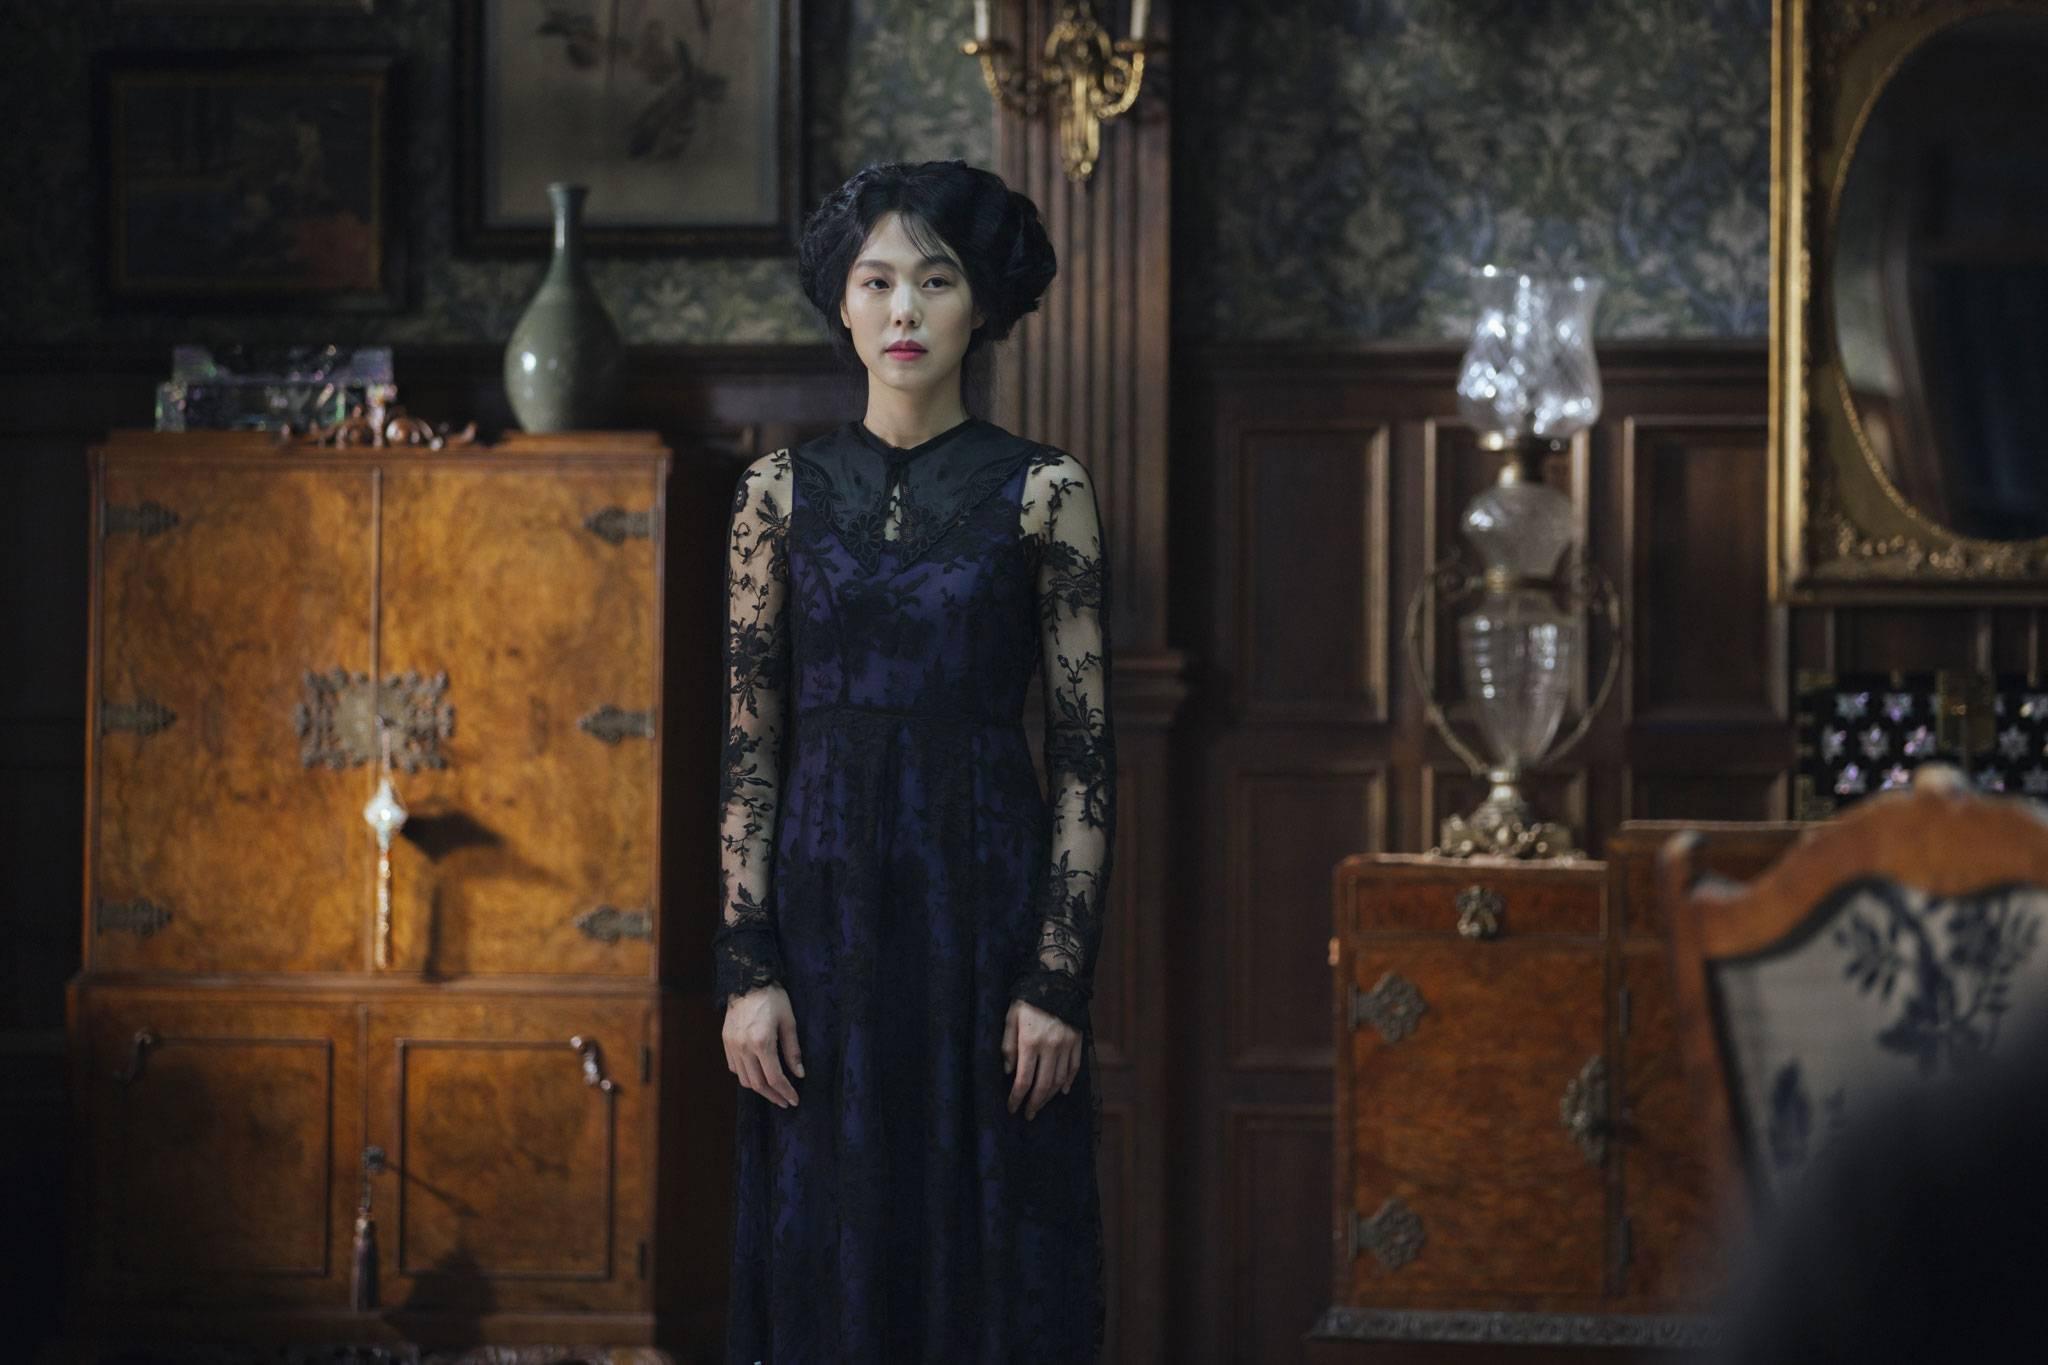 아가씨 the handmaiden kim min hee kim tae ri lesbian sex scene - 3 4